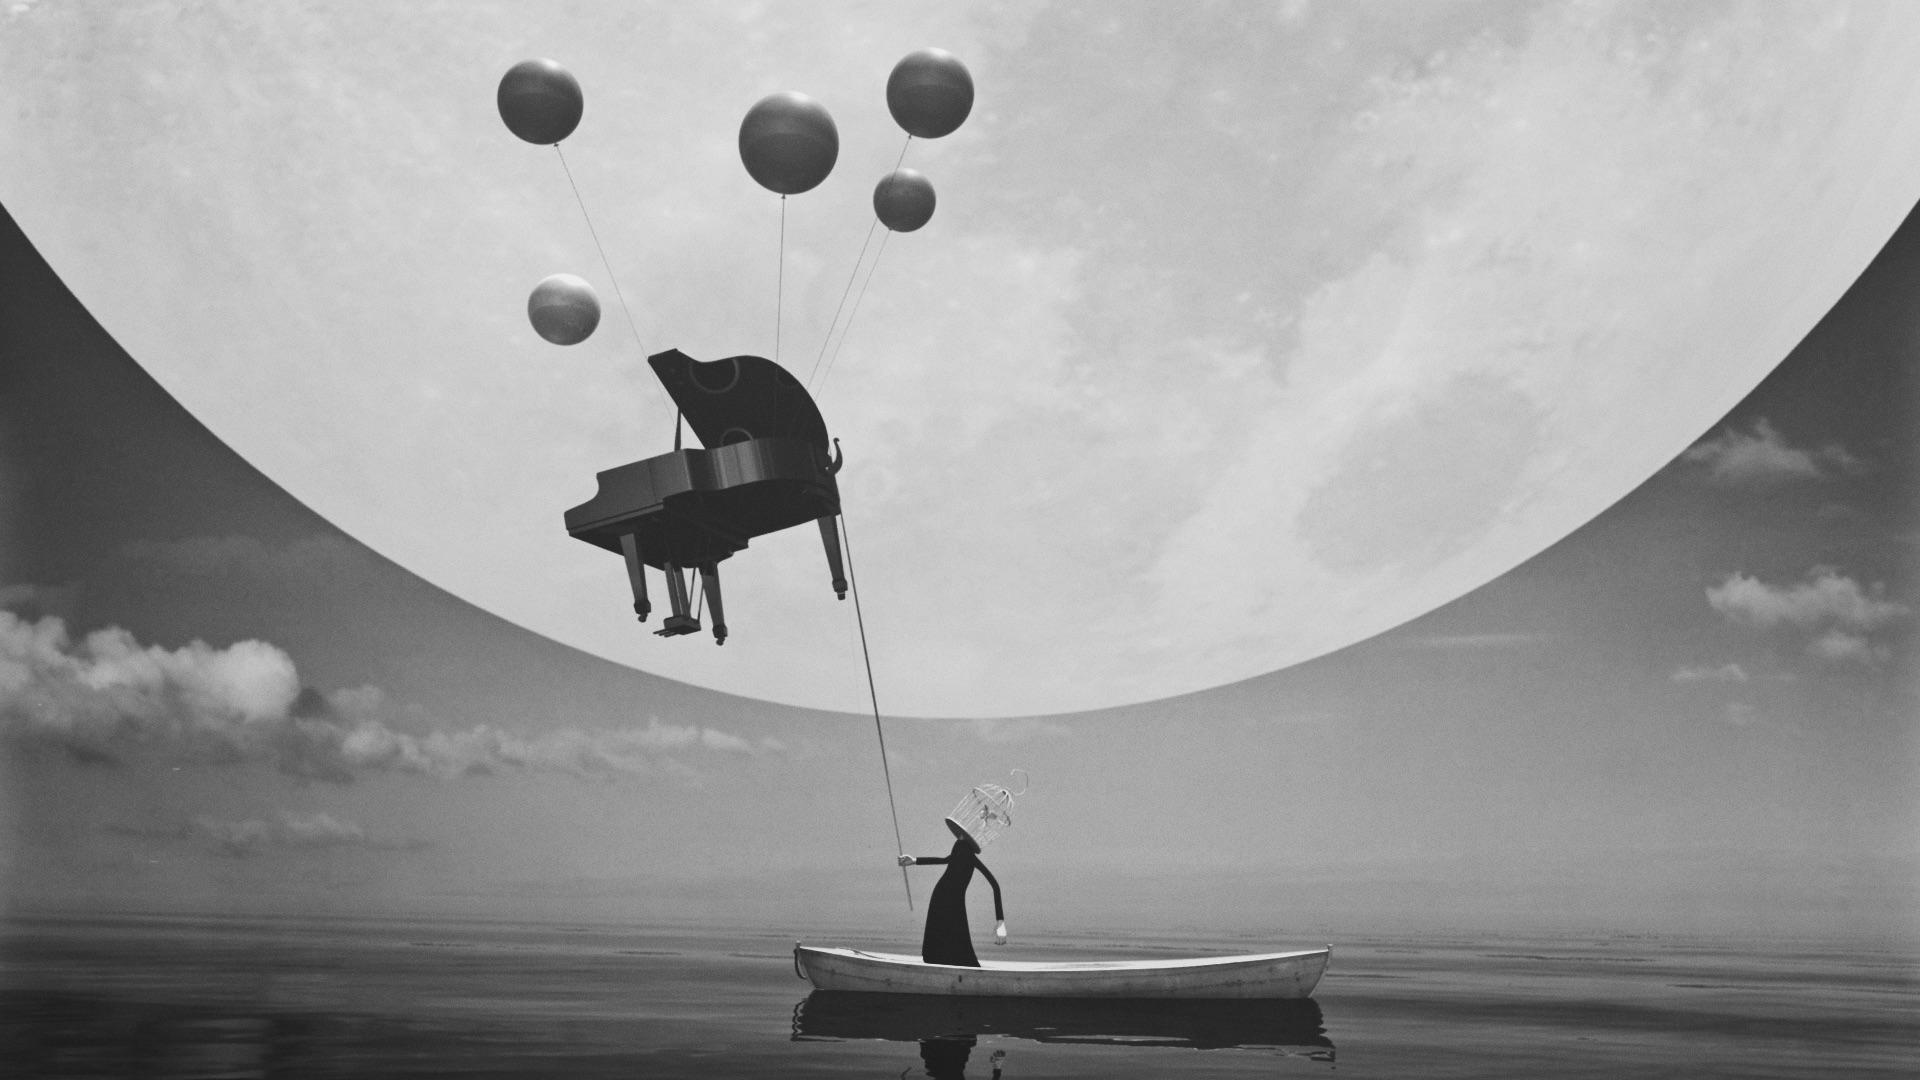 """- 作品名称:《鱼》导演:张林国家/地区:中国创作时间:2014 编剧:张林美术:张林音乐:喜片长:4分53秒Title: FishDirector: Zhang Lin Country/Area: China Year of Production: 2014 Screenplay: Zhang Lin Design: Zhang Lin Music: XiLength: 4 mins 53 secs作品介绍这是一部带有超现实意味的当代风格影片,片子采用三维动画形式表现黑白的世界,讲述的是一个""""鸟人""""与一只鸟围绕一架钢琴与一条鱼的故事。Synopsis This work has been labeled with a typical contemporary mark, with a strong taste of surrealism. It adopts the form of 3D animation to represent a black-and-white world, telling a story of a """"birdy man"""". There is also a fish and a bird flying around a piano."""